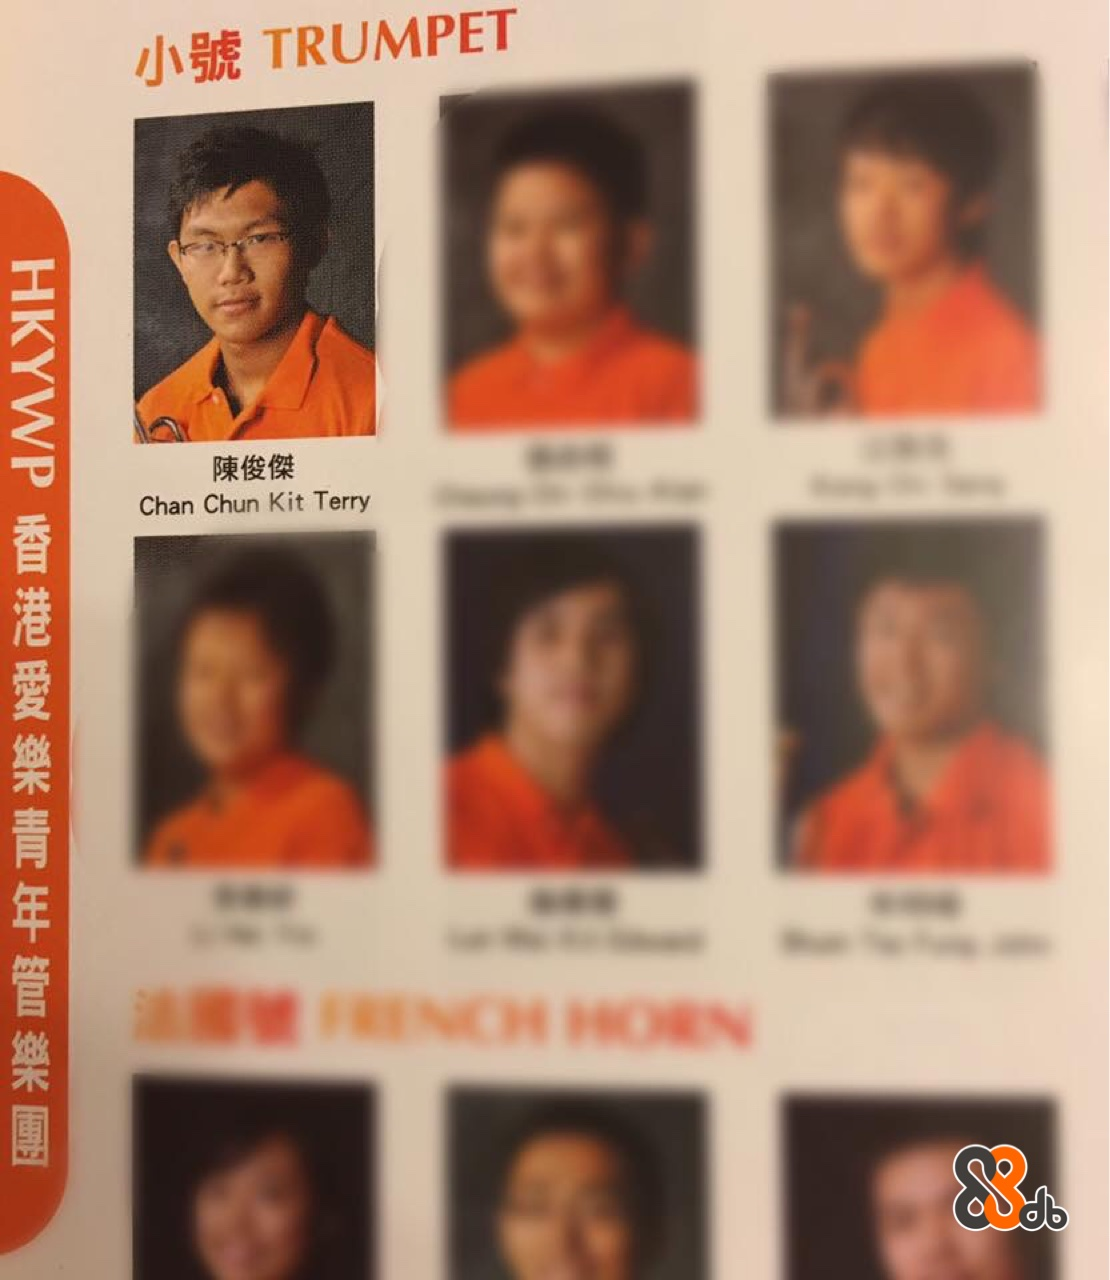 小號TRUMPET 陳俊傑 Chan Chun Kit Terry HKYWP香港愛樂青年管樂團  facial expression